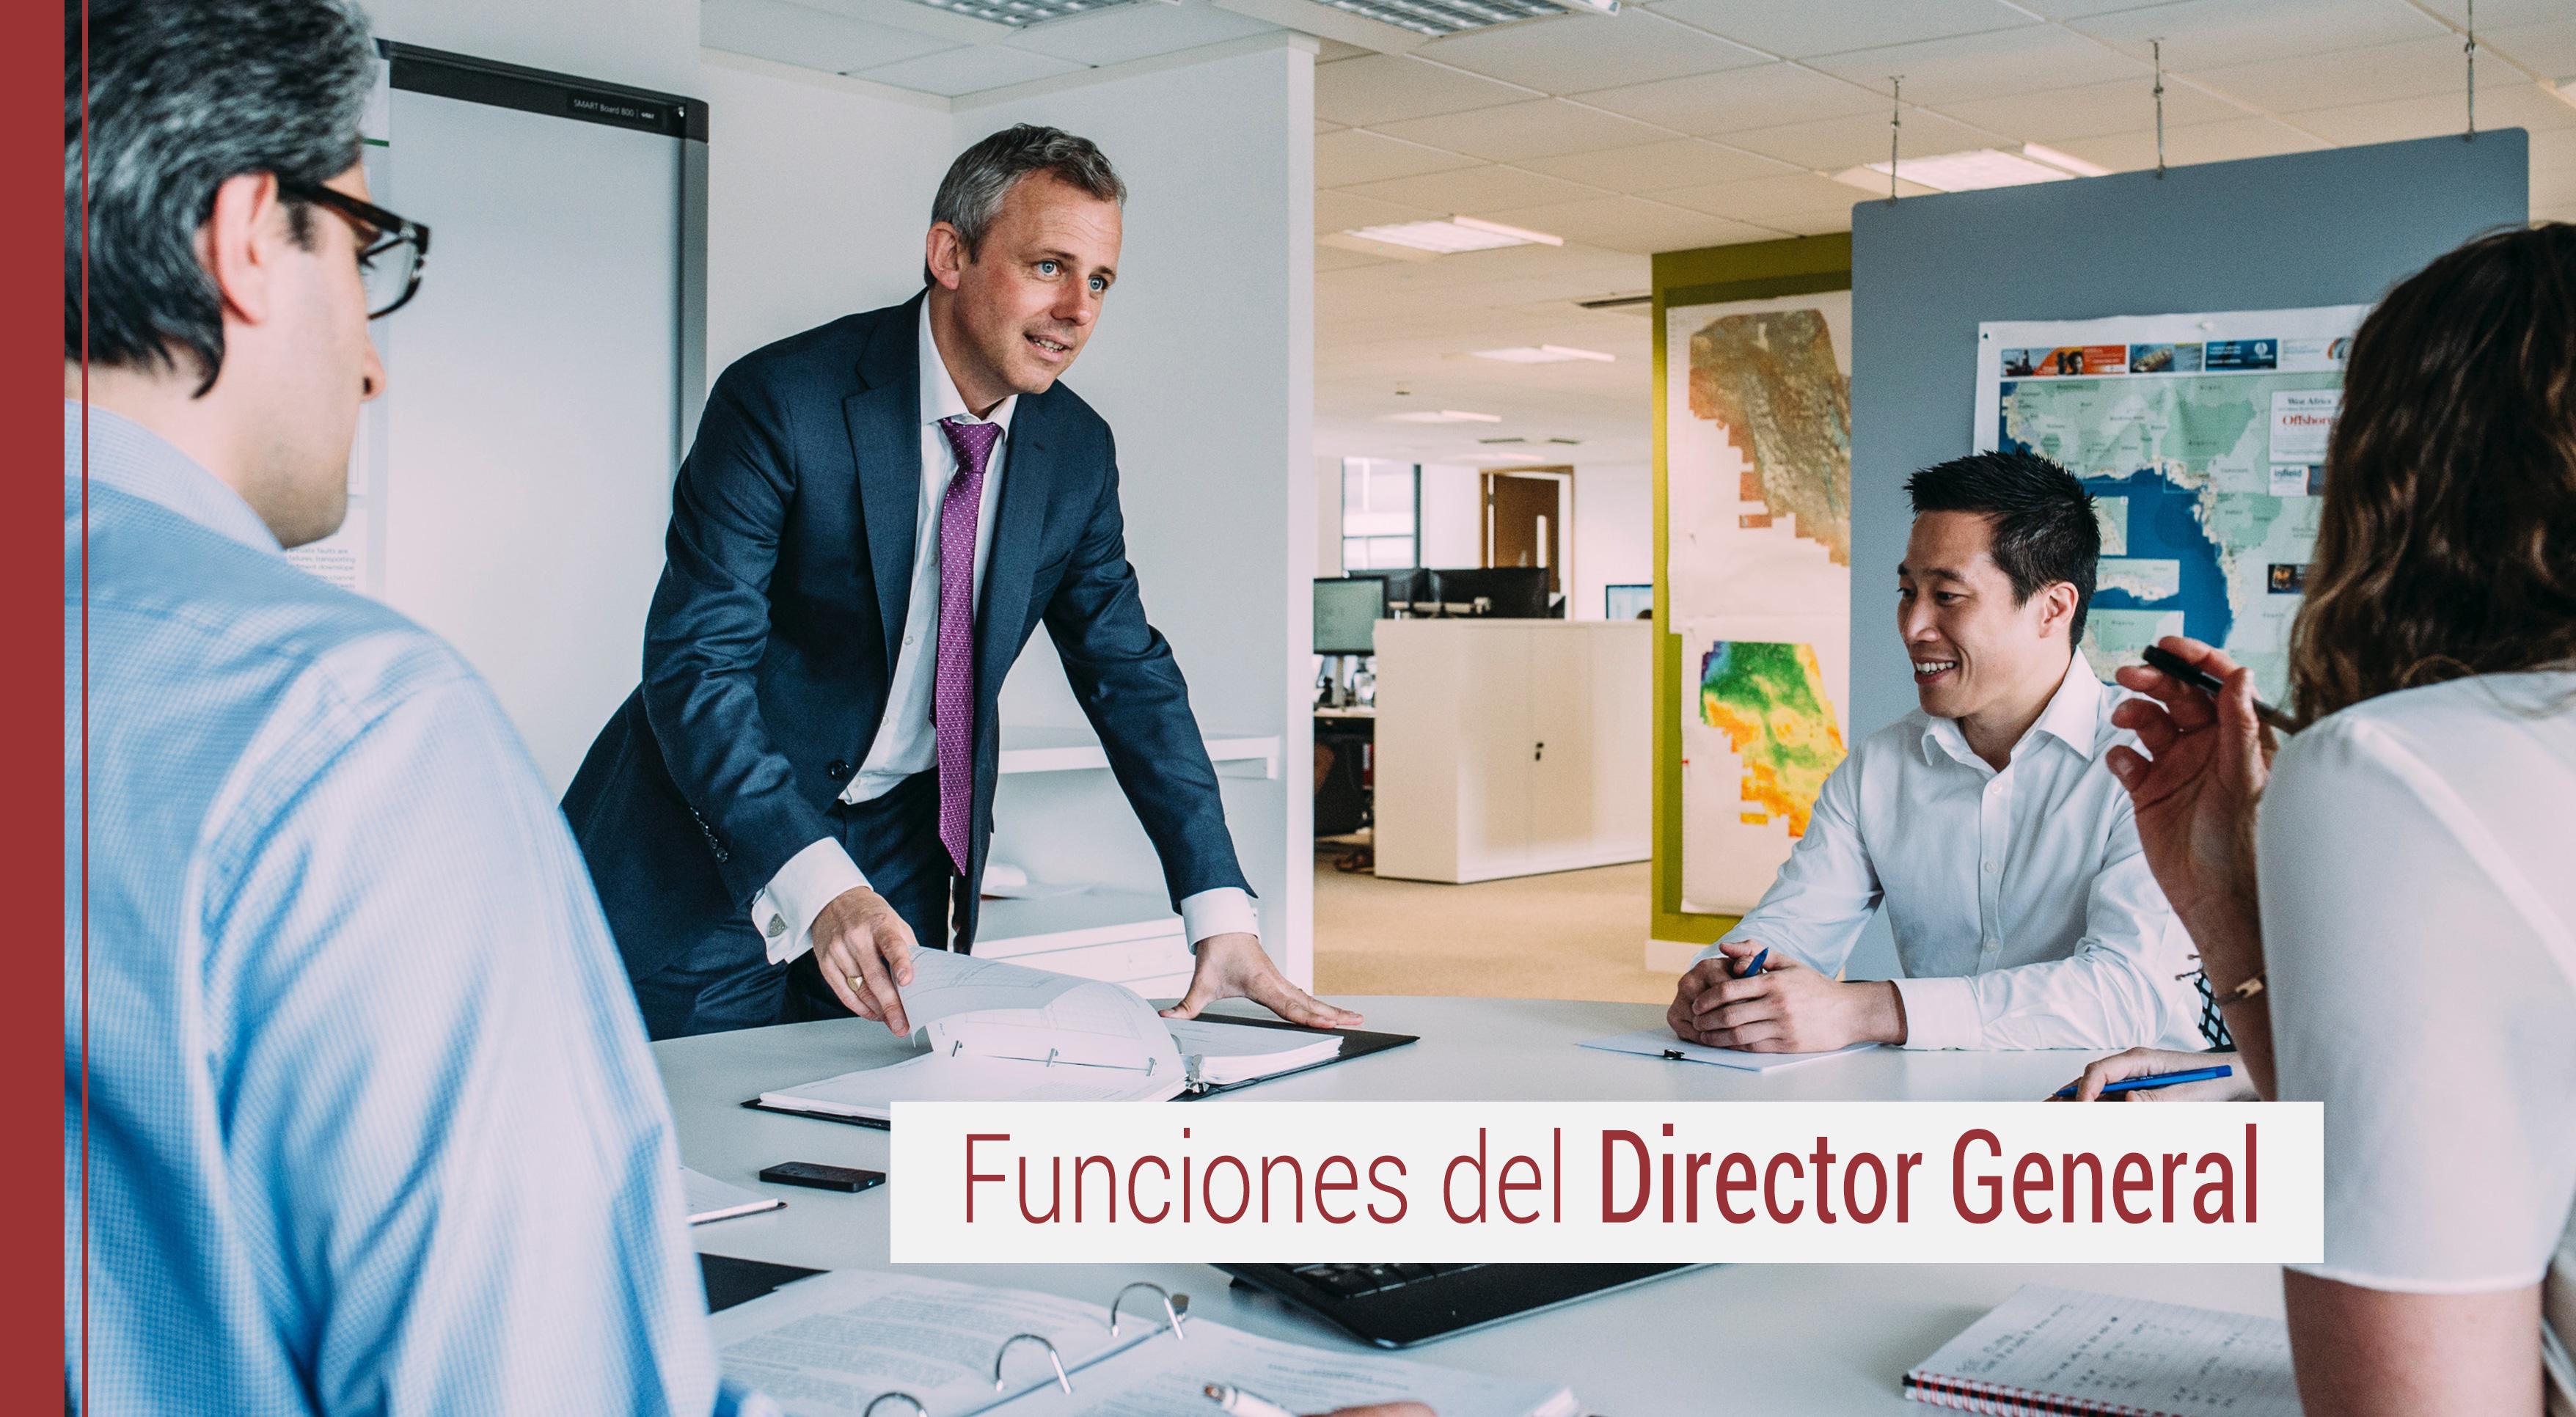 principales-funciones-director-general-de-empresa 5 funciones principales del Director General de una empresa